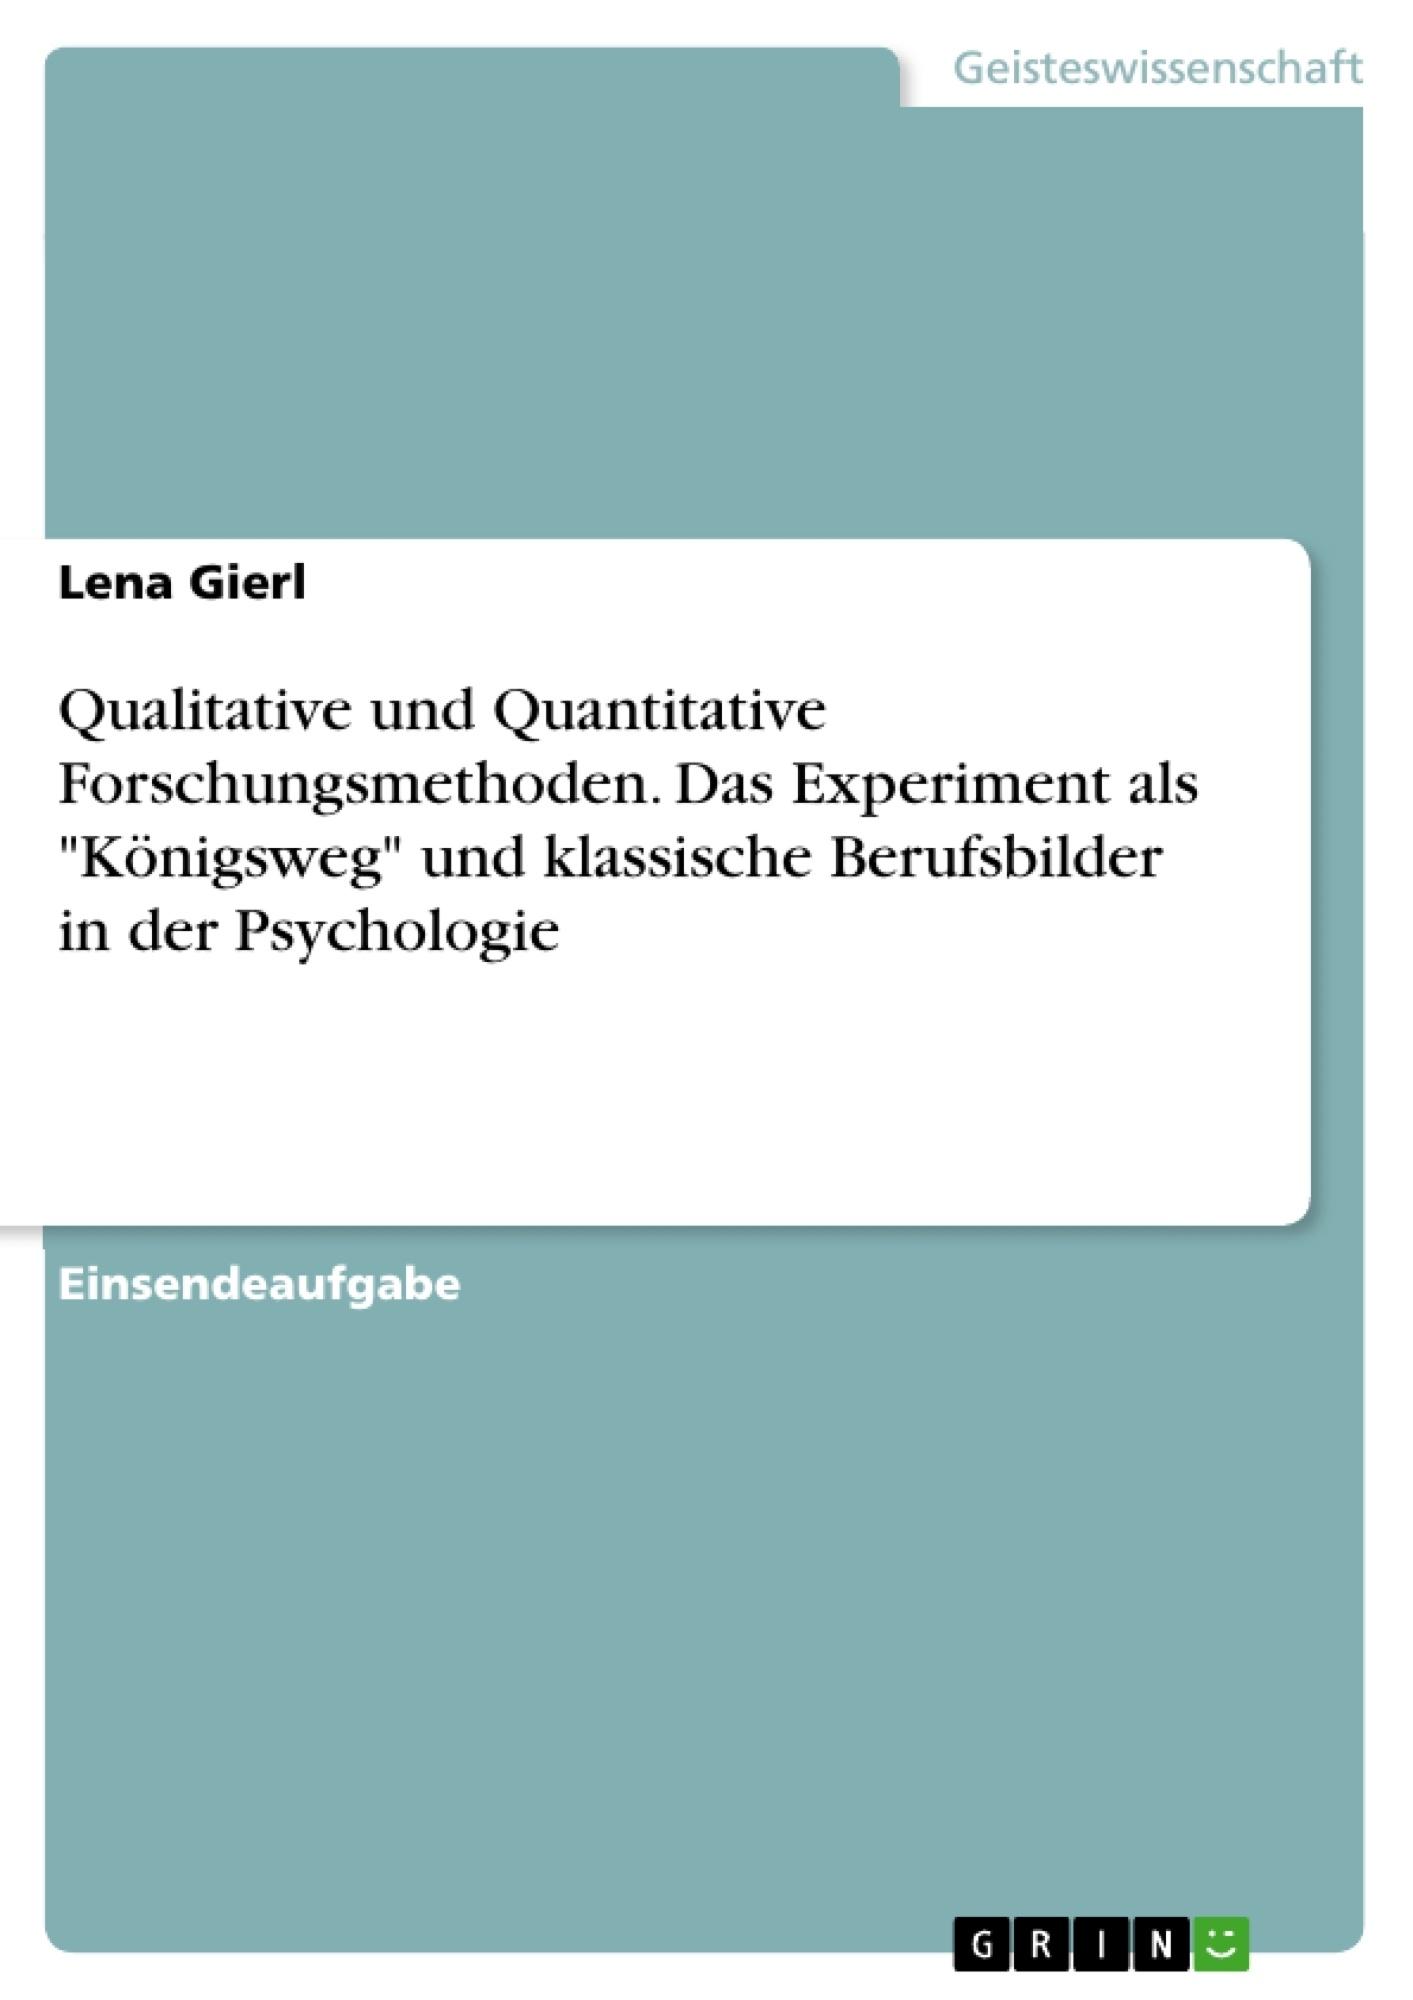 """Titel: Qualitative und Quantitative Forschungsmethoden. Das Experiment als """"Königsweg"""" und klassische Berufsbilder in der Psychologie"""